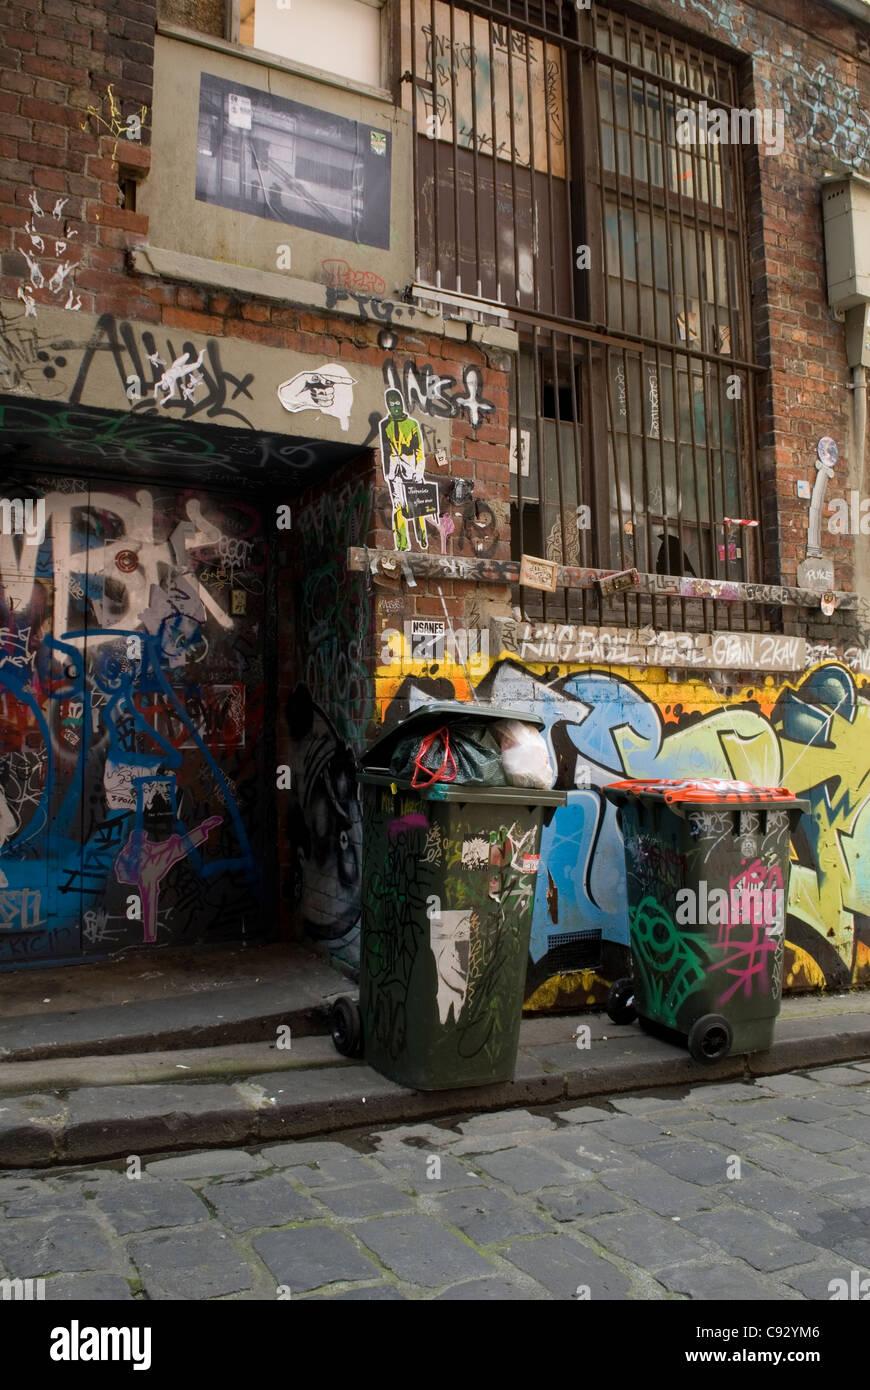 Hosier Lane ist ein berühmter Ort in Melbourne durch seine anspruchsvolle urbane Kunst, Wandbilder oder Graffiti. Stockbild